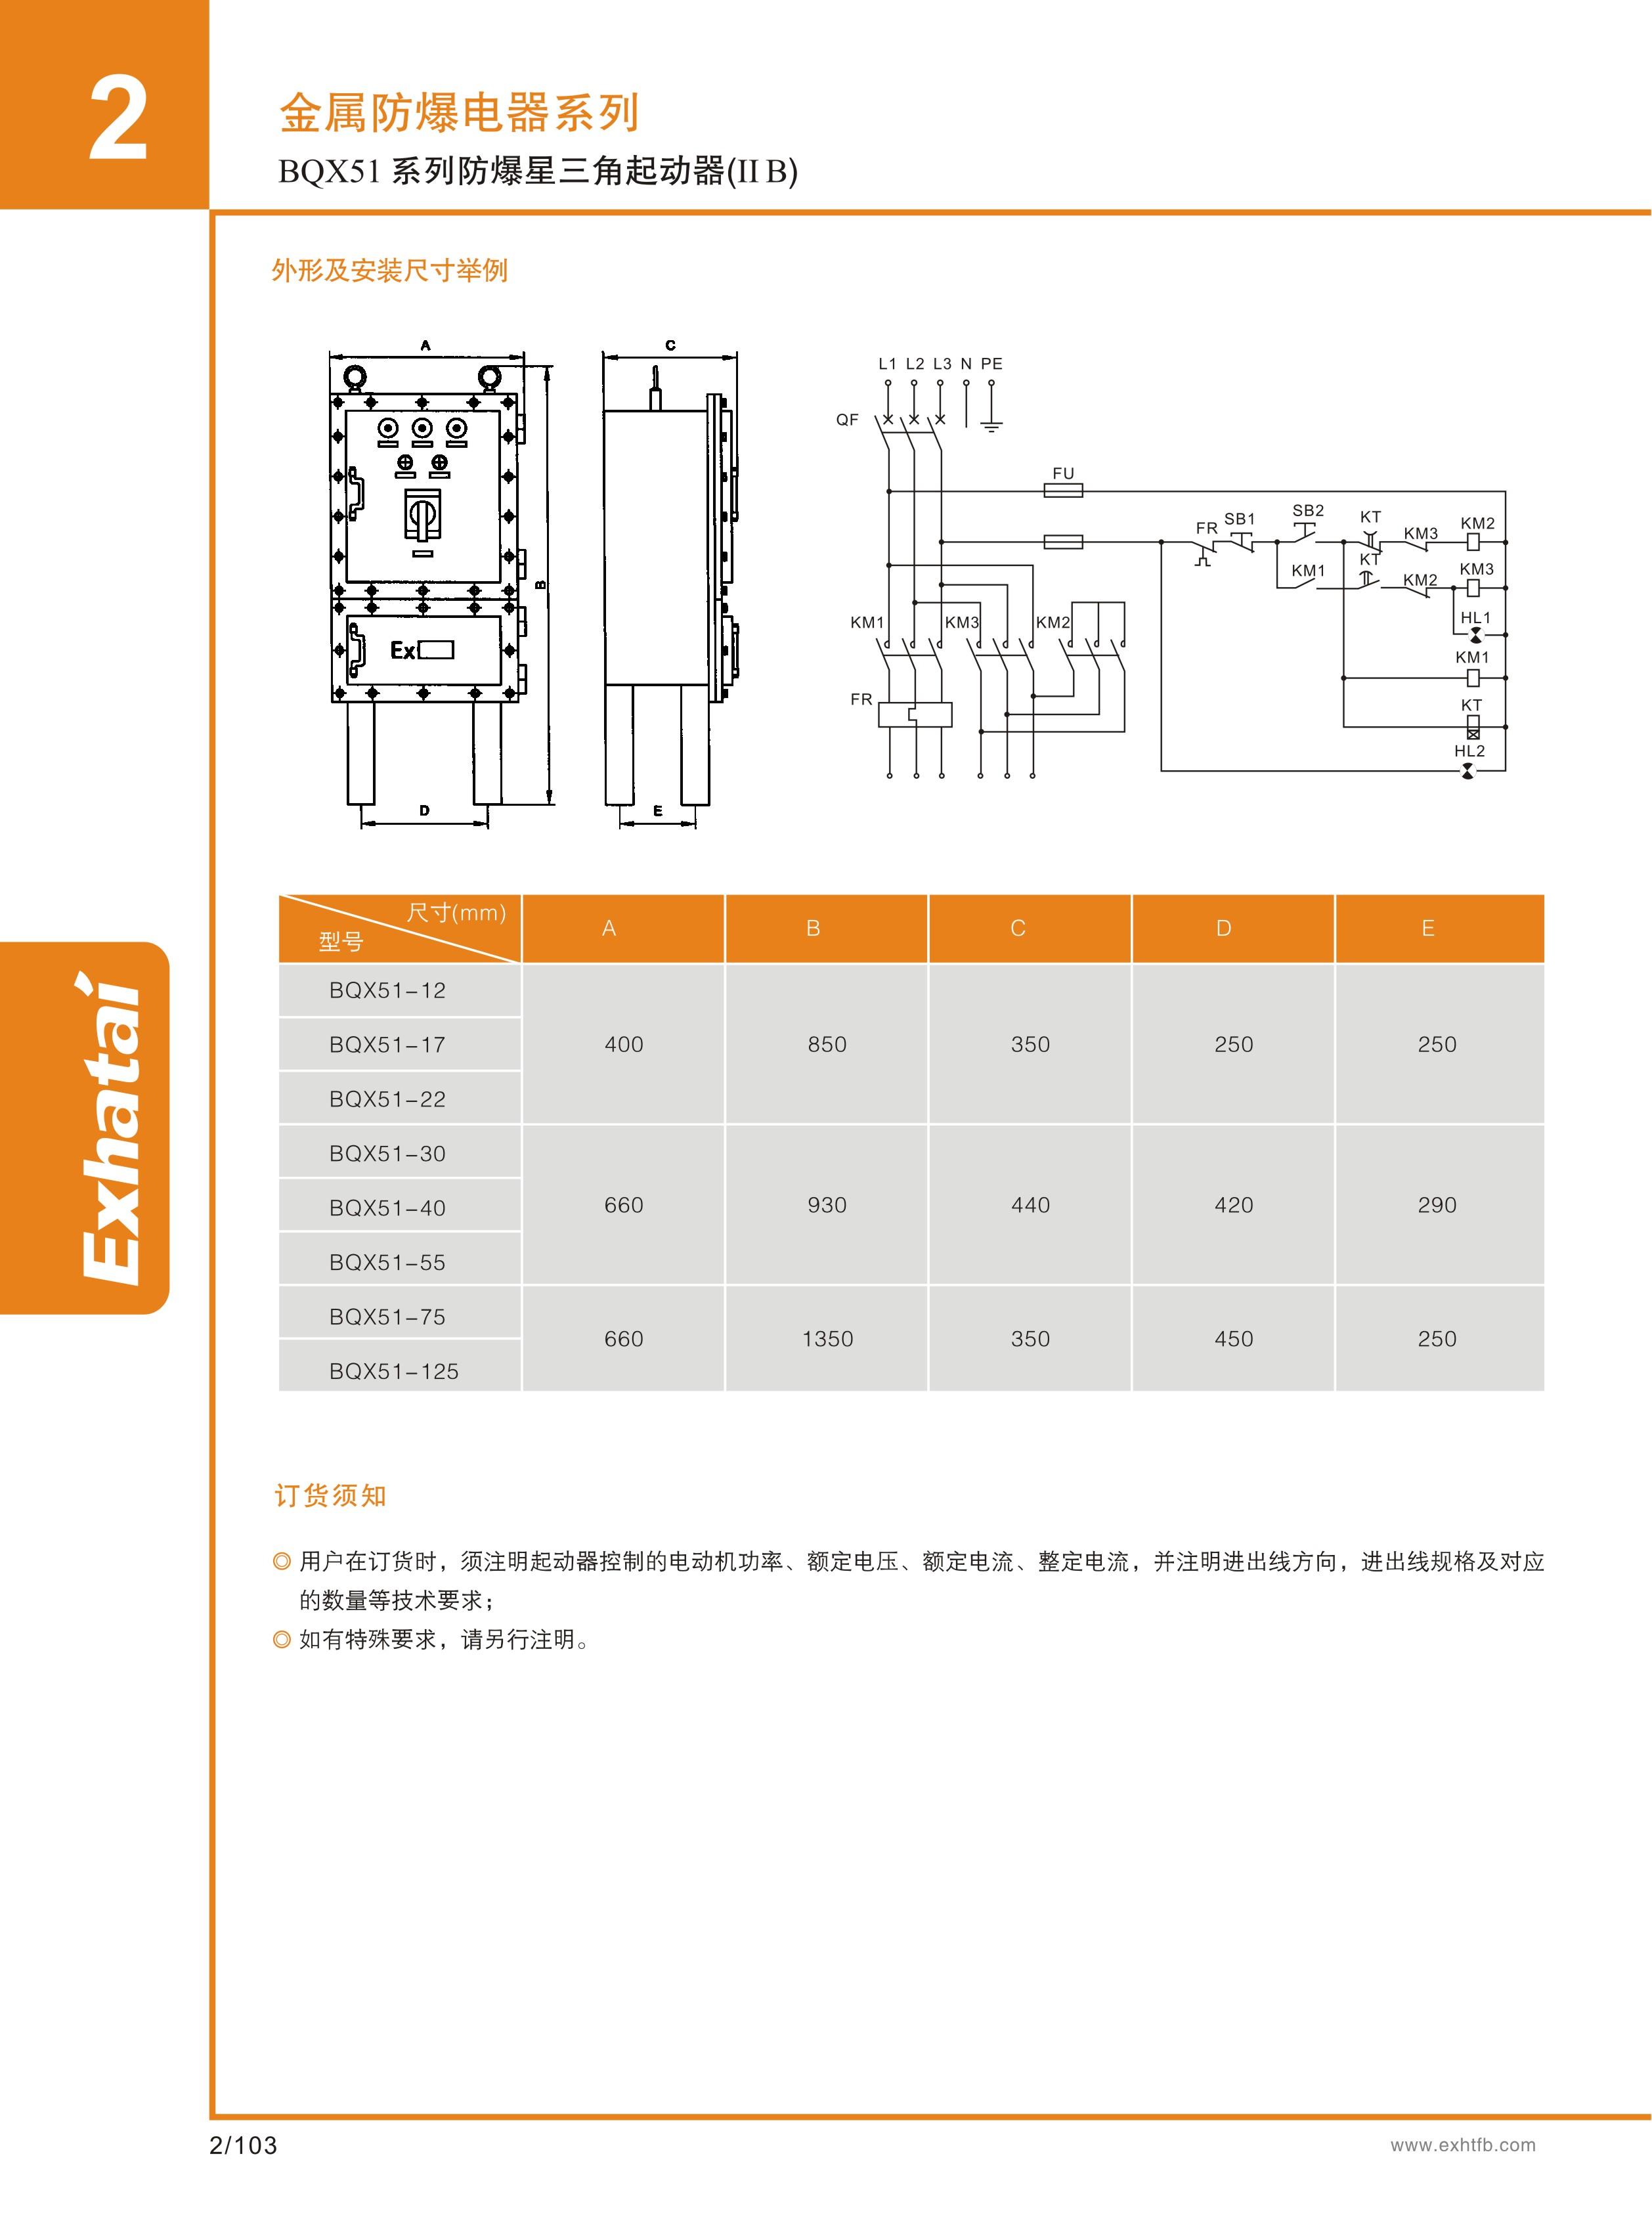 15天 产品证件 -- 尺寸图 - 防爆星三角起动器的规格参数 电压 220v